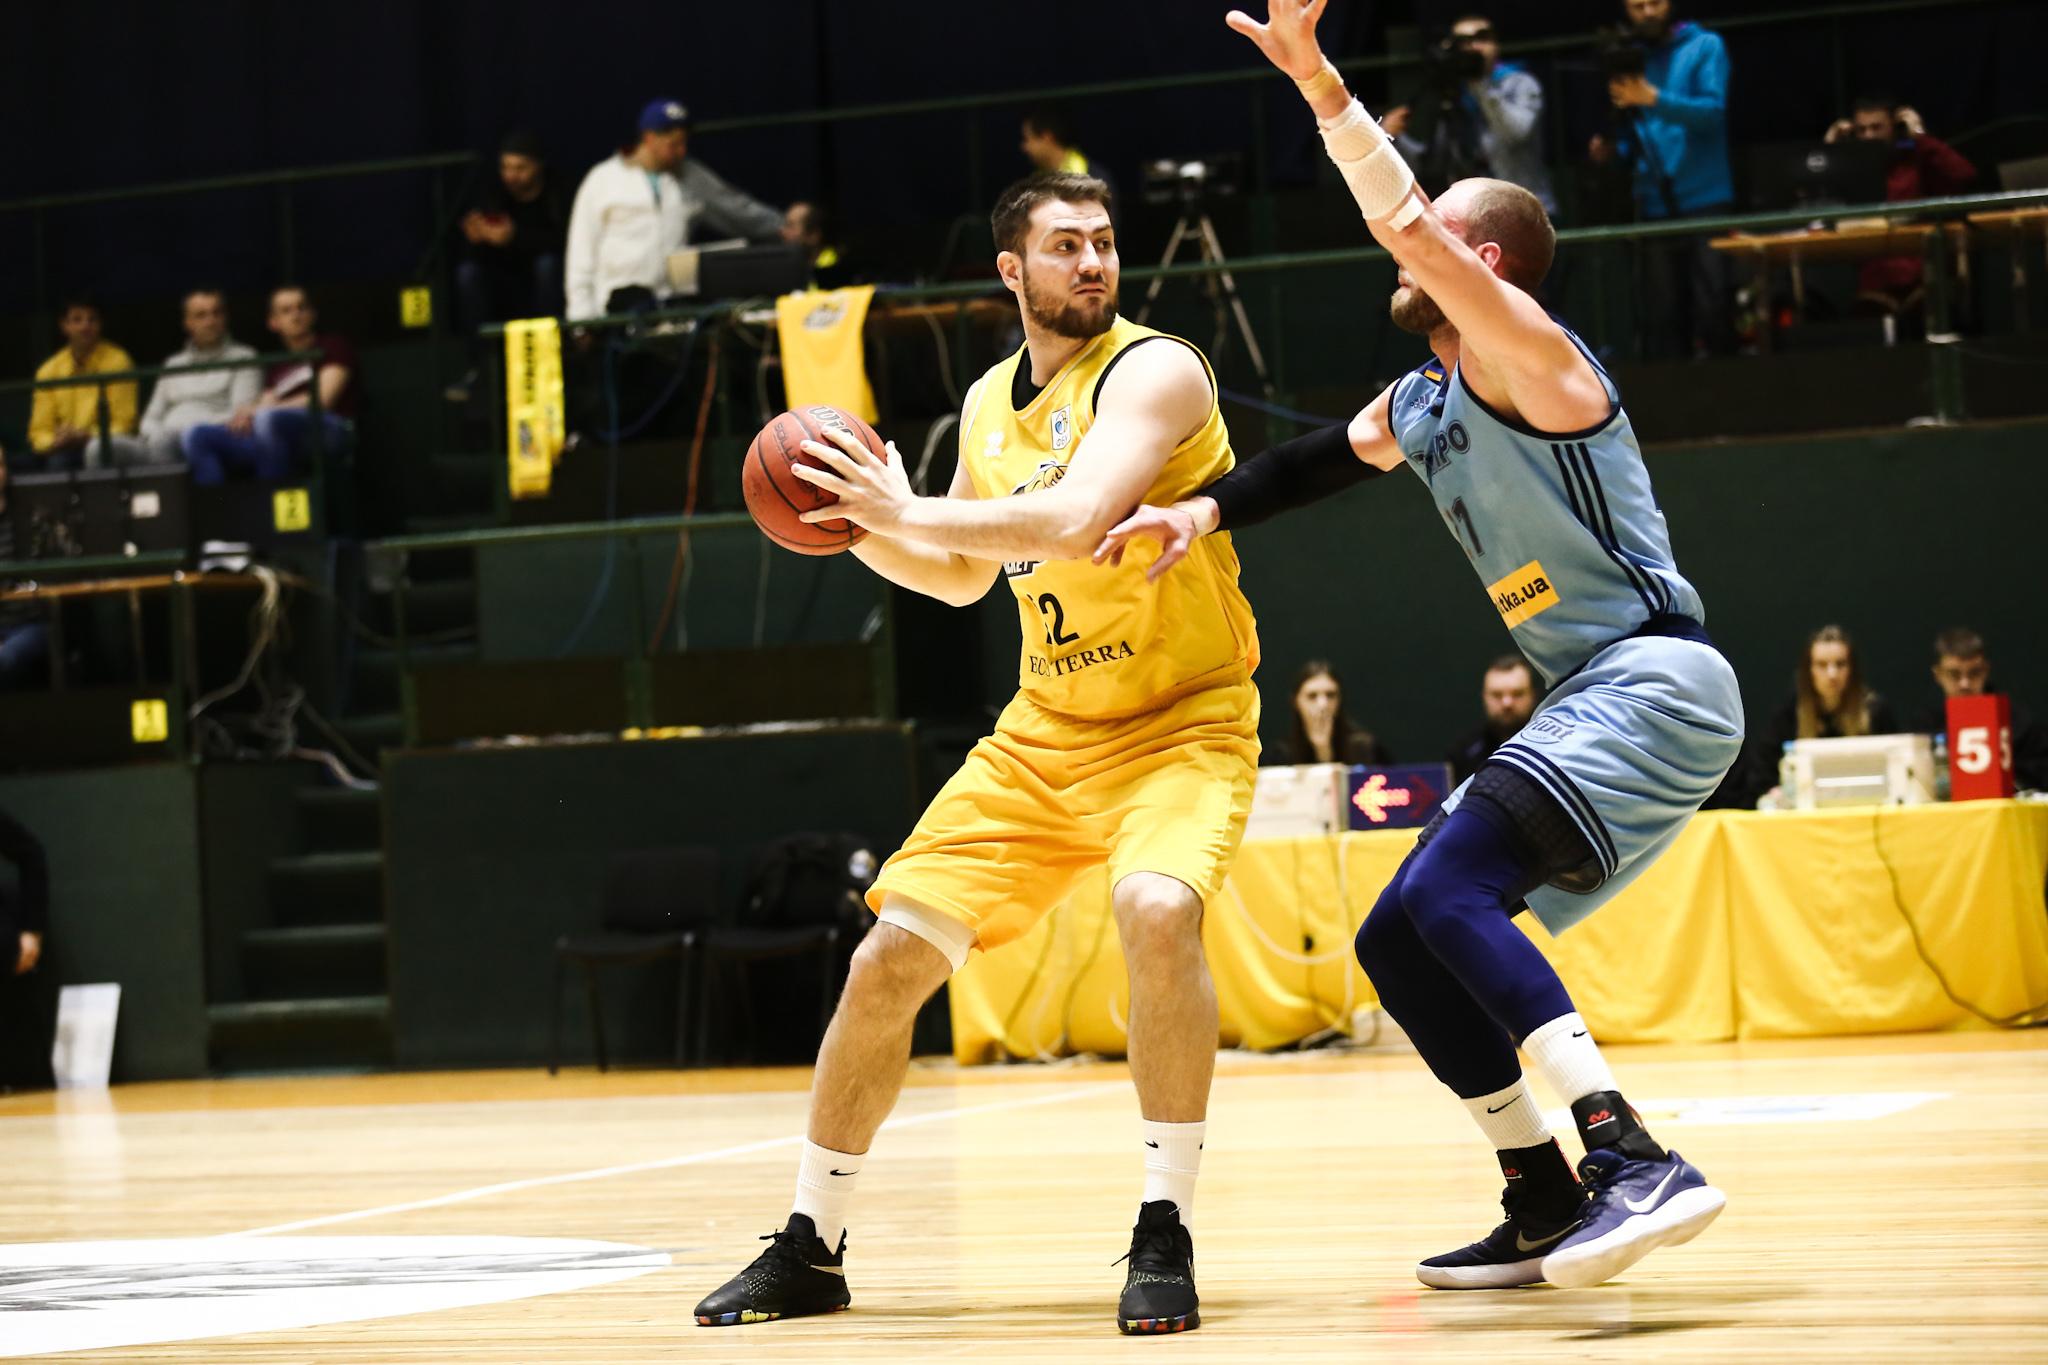 Київ-Баскет переміг Дніпро та зрівняв рахунок у сезонній серії